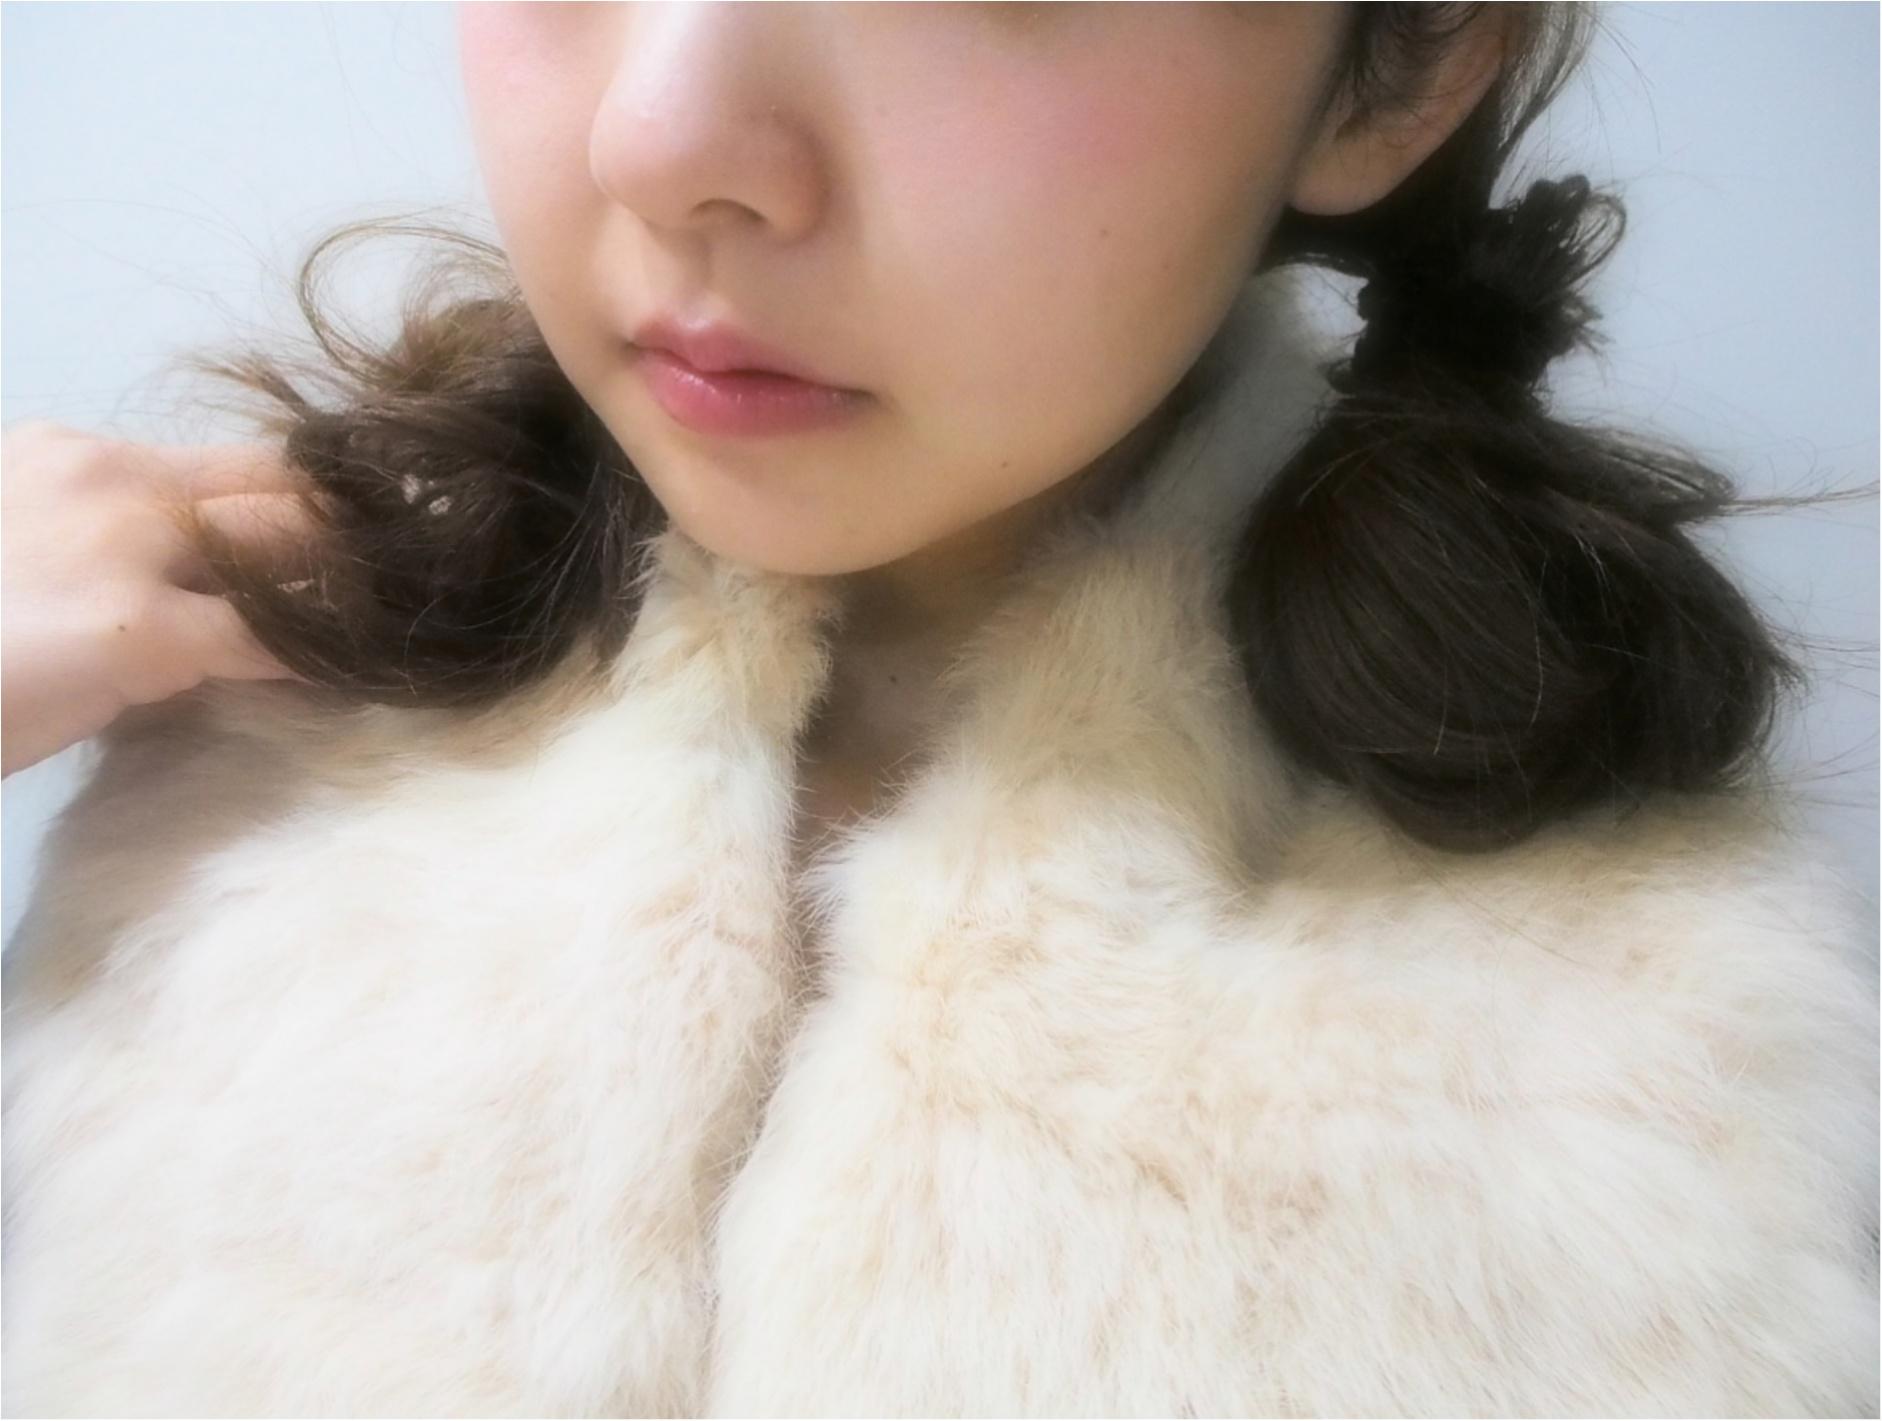 持っていると可愛い!やっぱり冬は「ファー小物」で女性らしく、冬らしく‼ ~ファーアイテム3選~_3